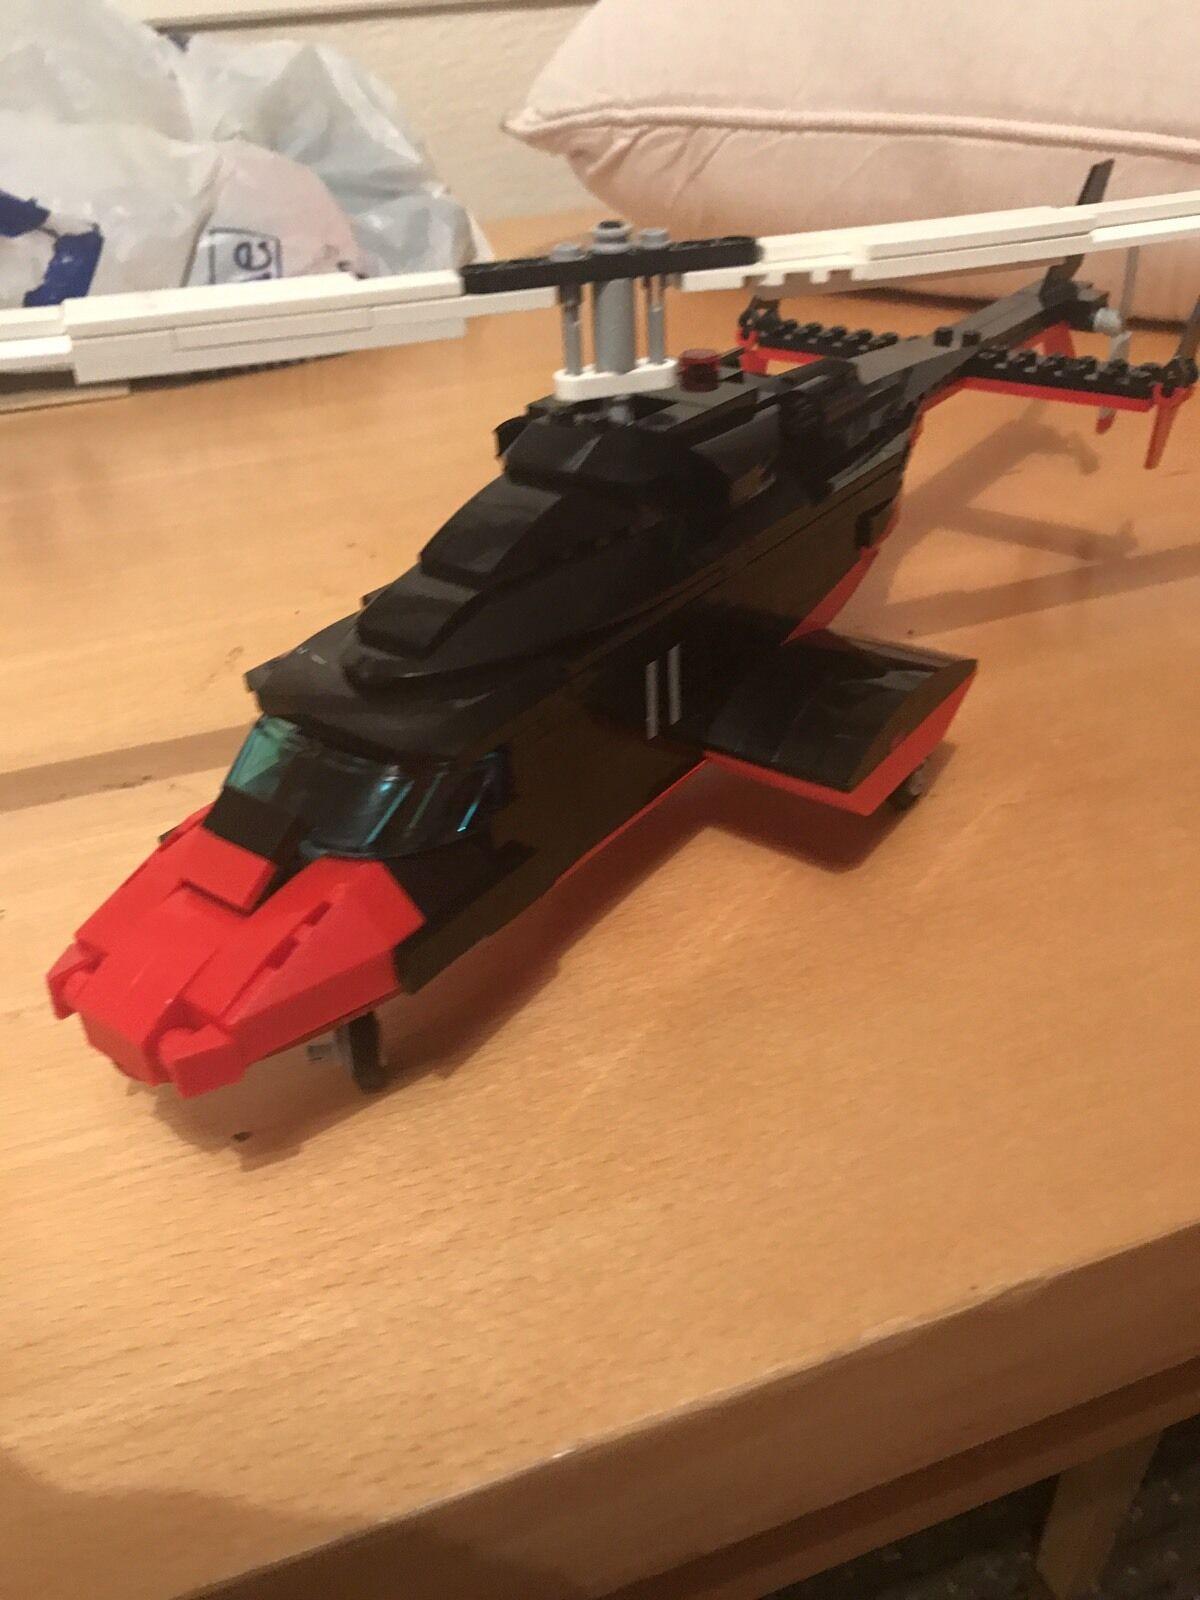 Invincible pour forcer le groupe à acheter aucune livraison livraison livraison à des prix abordables Custom Built LEGO Rouge wolf (SUPERCOPTER 2) 50e40e